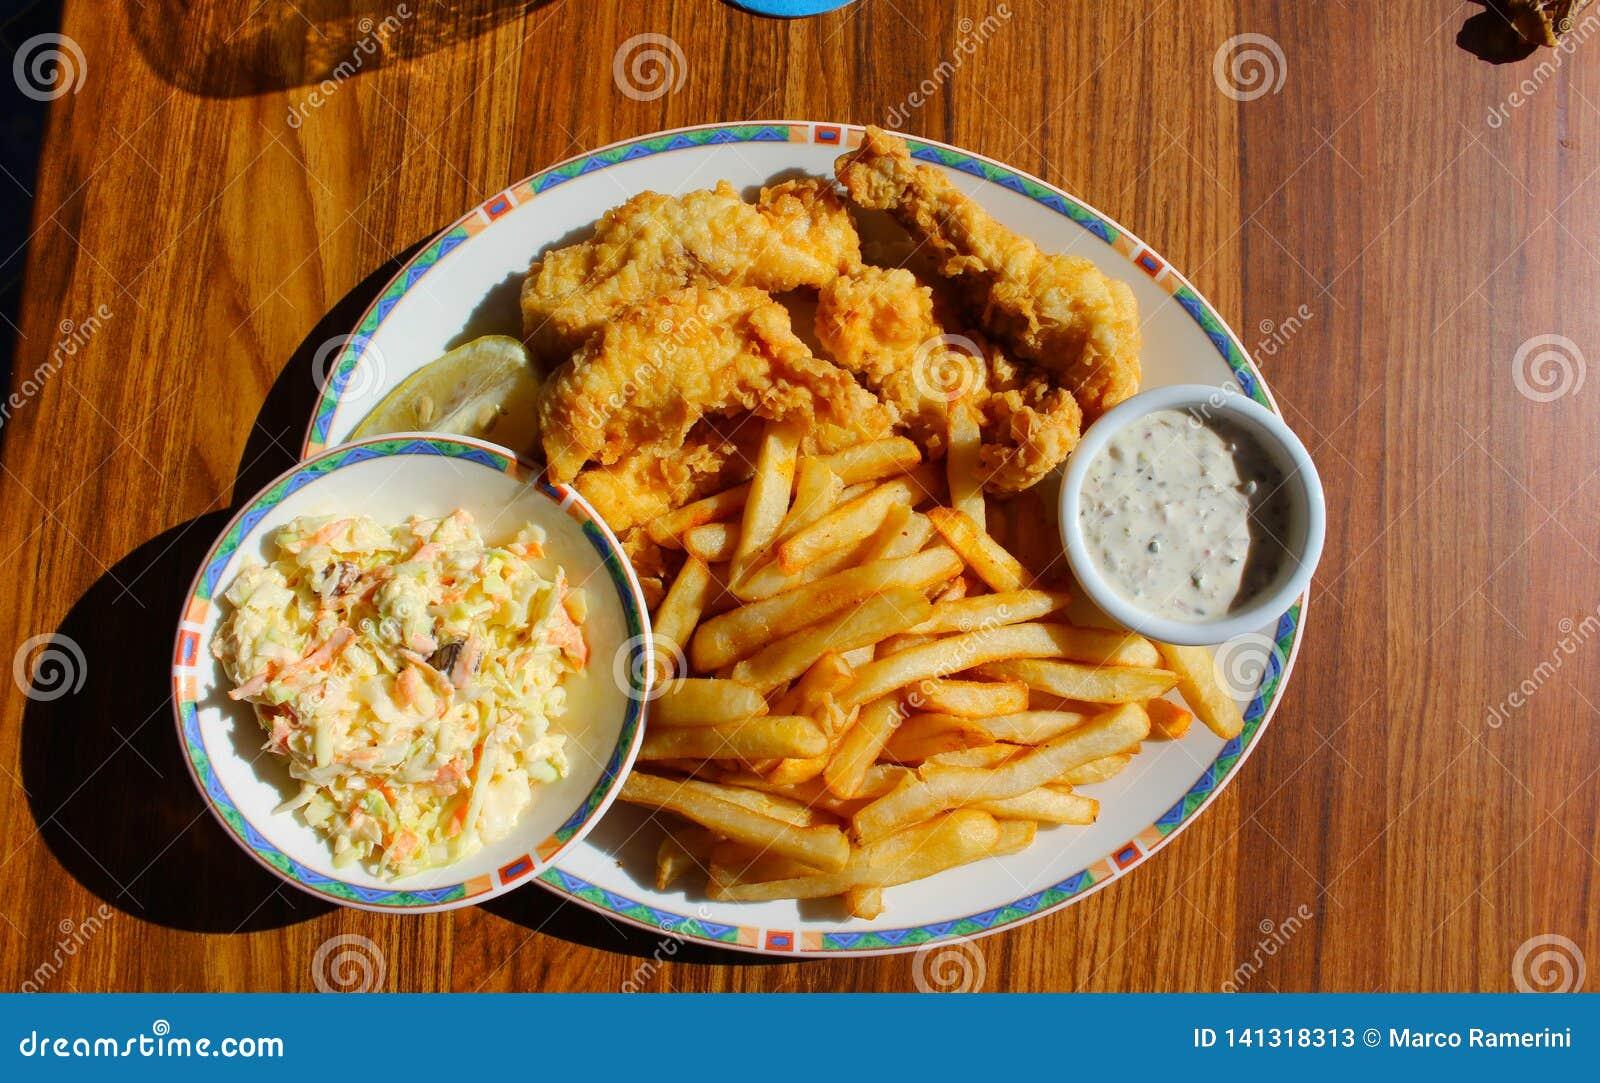 Ψάρια και τσιπ, Long Island, Μπαχάμες